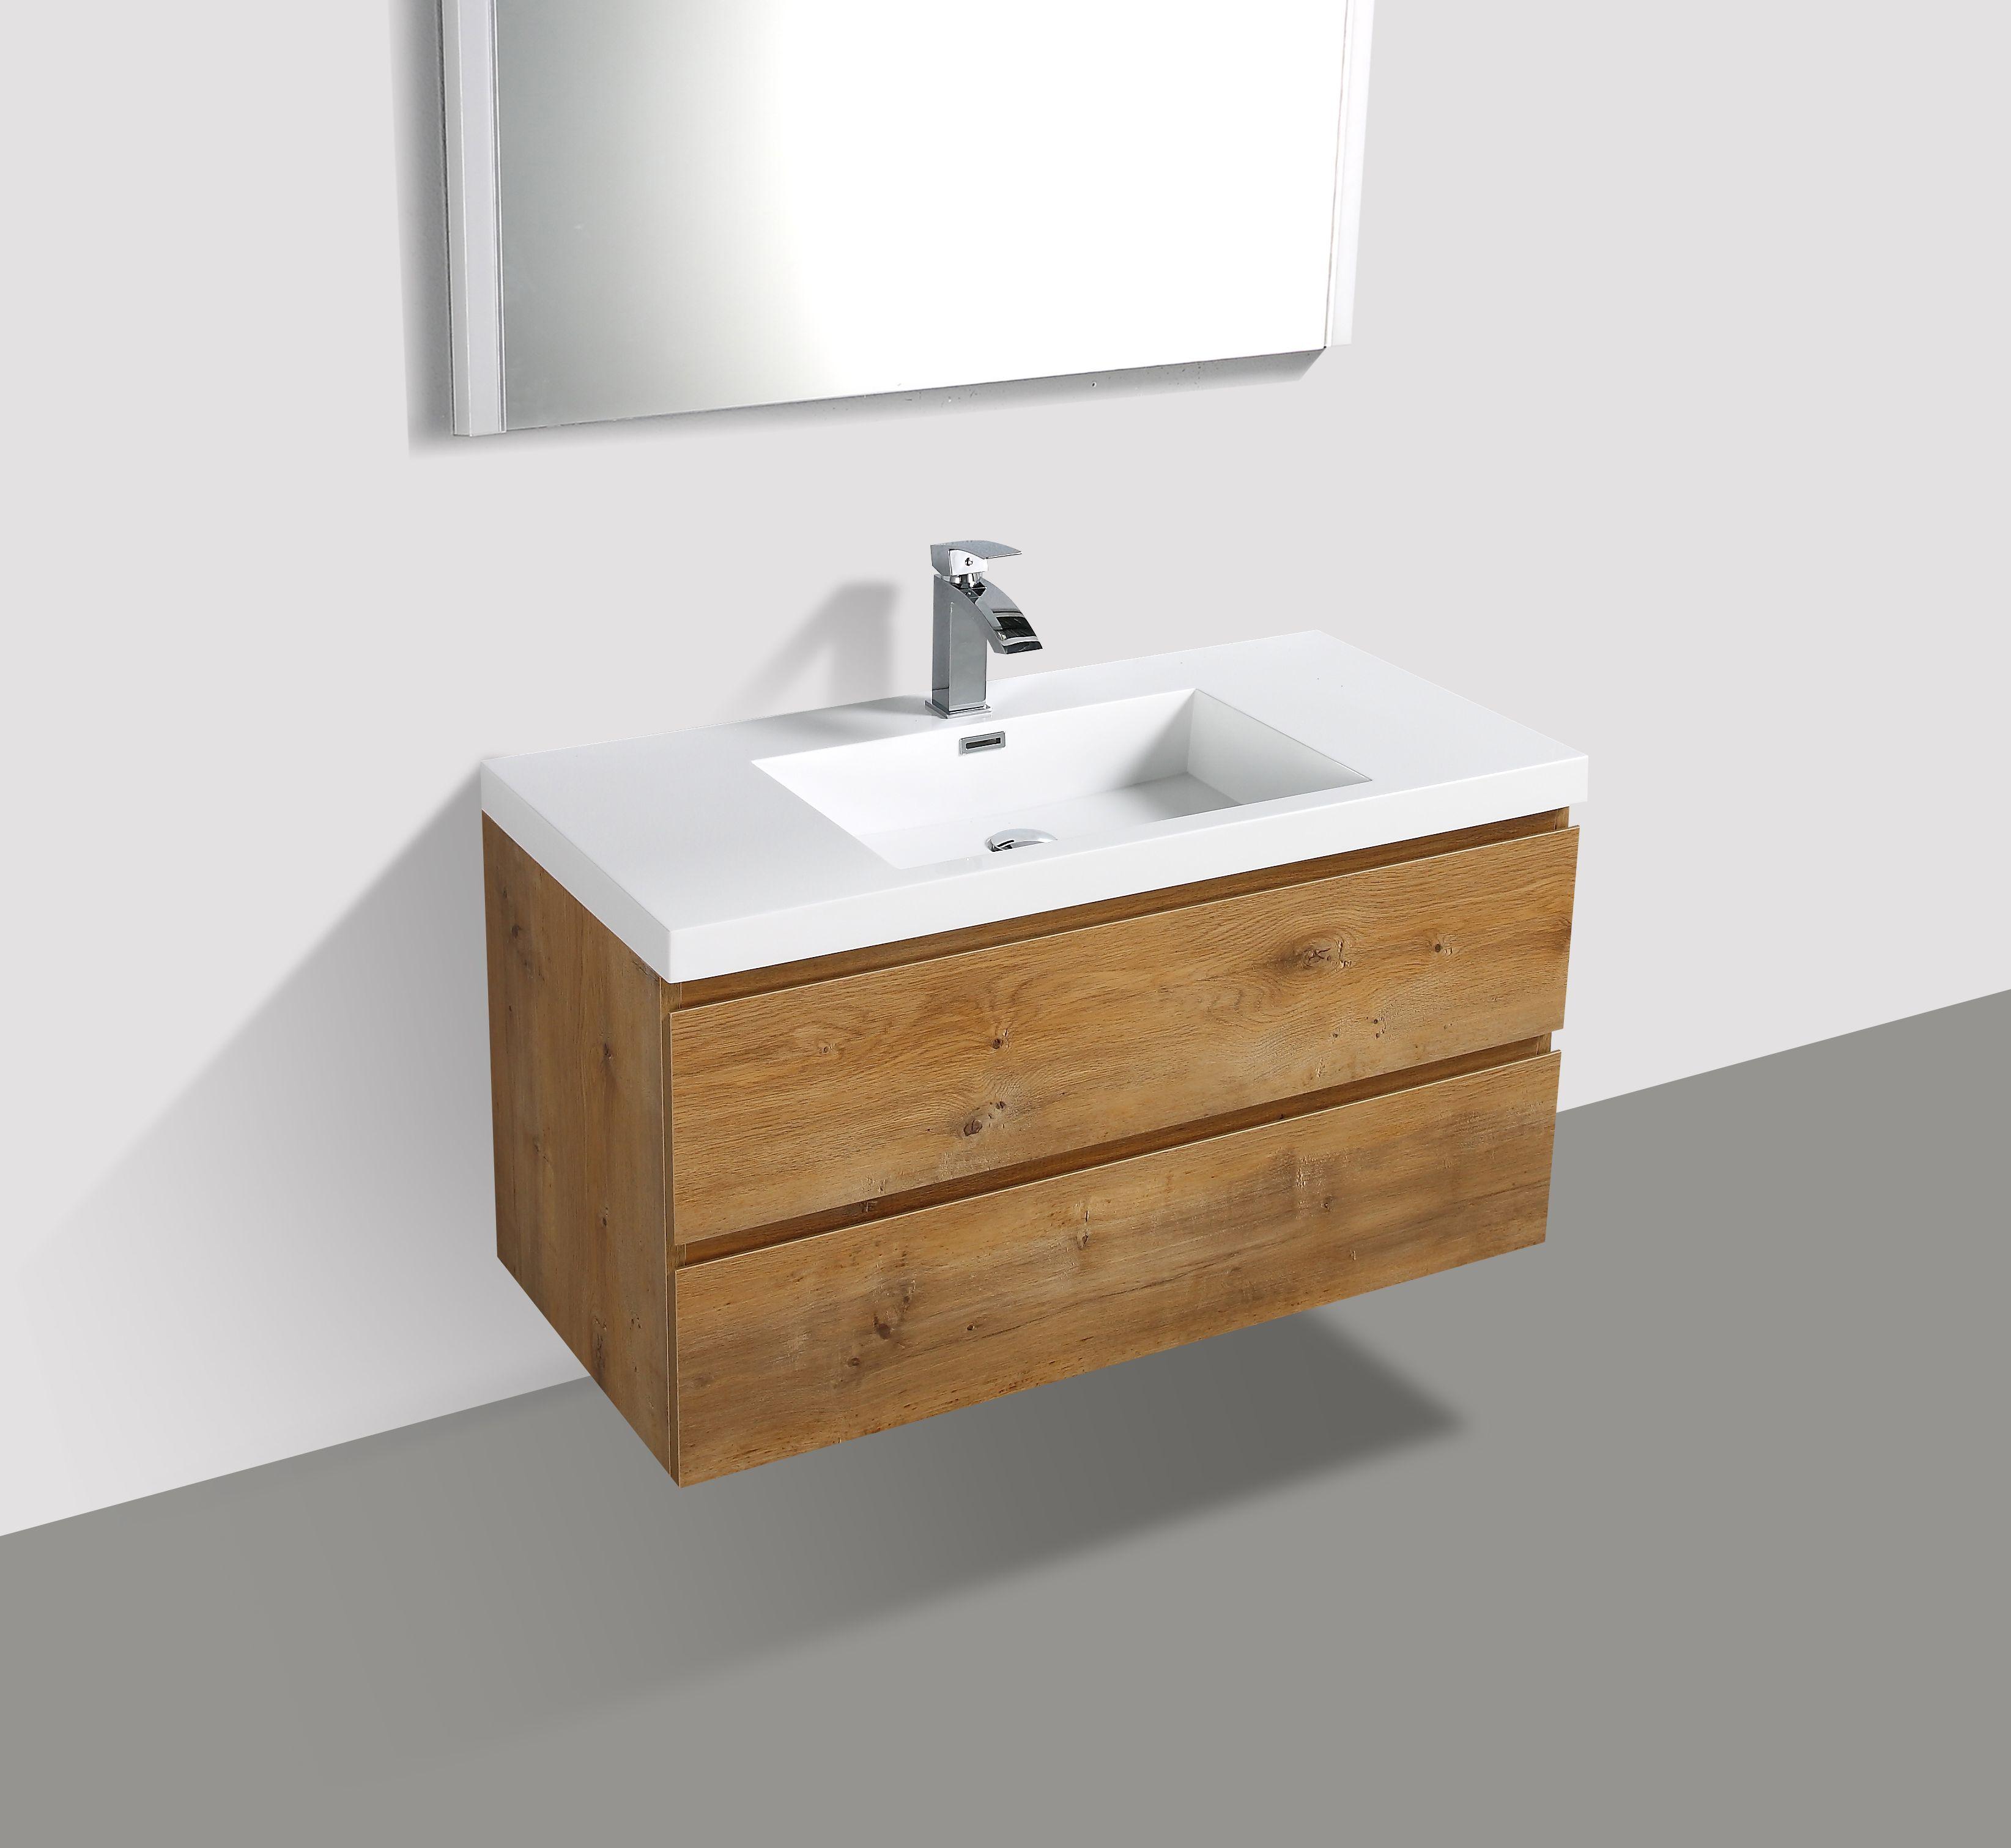 Badmobel Unterschrank Algo 80 Eiche Glasdeals Badezimmer Unterschrank Holz Badezimmer Unterschrank Unterschrank